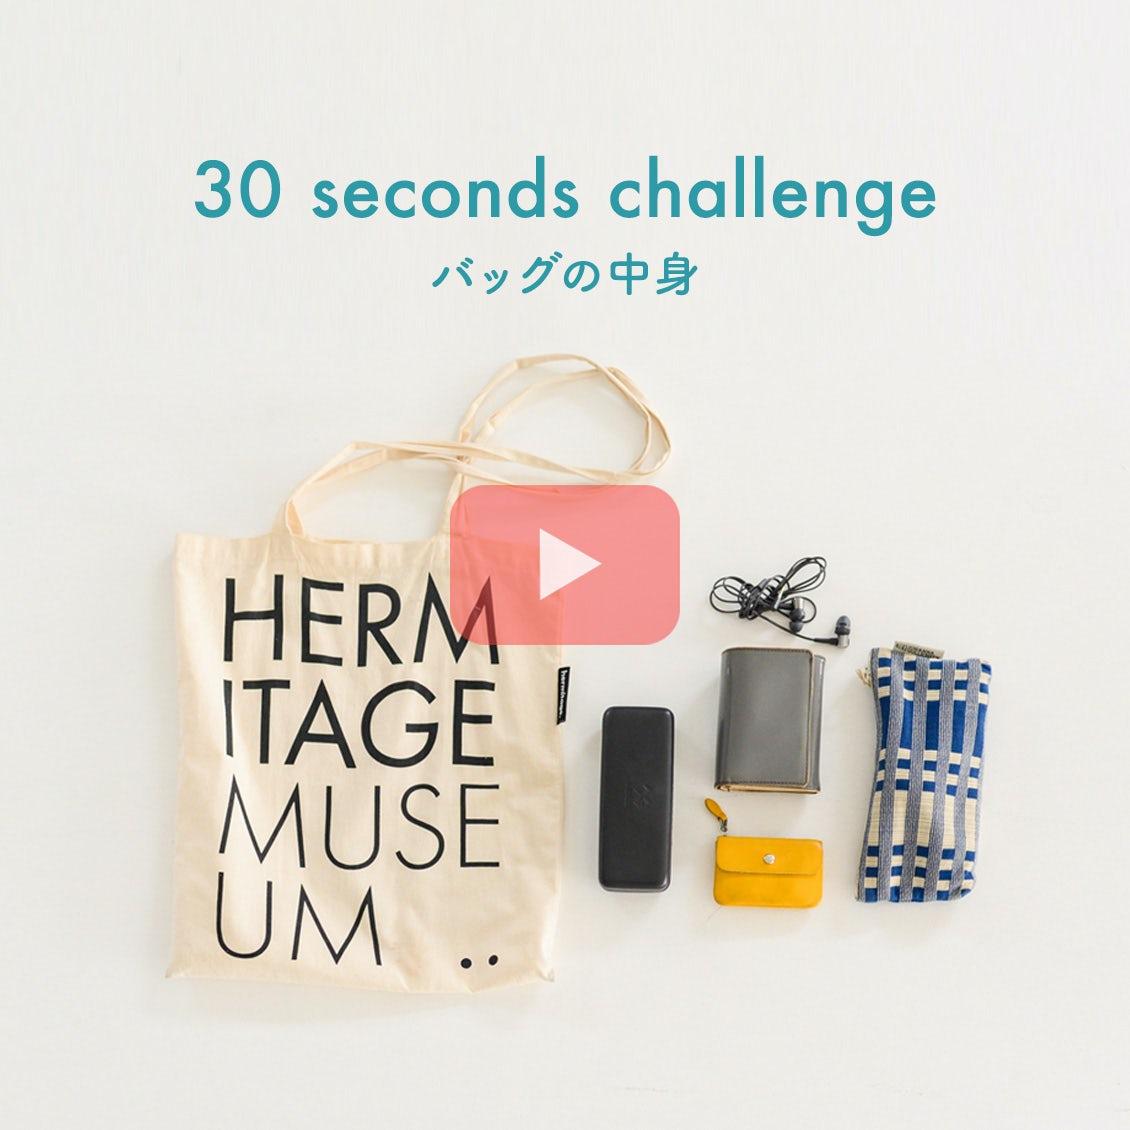 【30秒チャレンジ】トートバッグの中身3つを紹介します!(スタッフ郡 編)